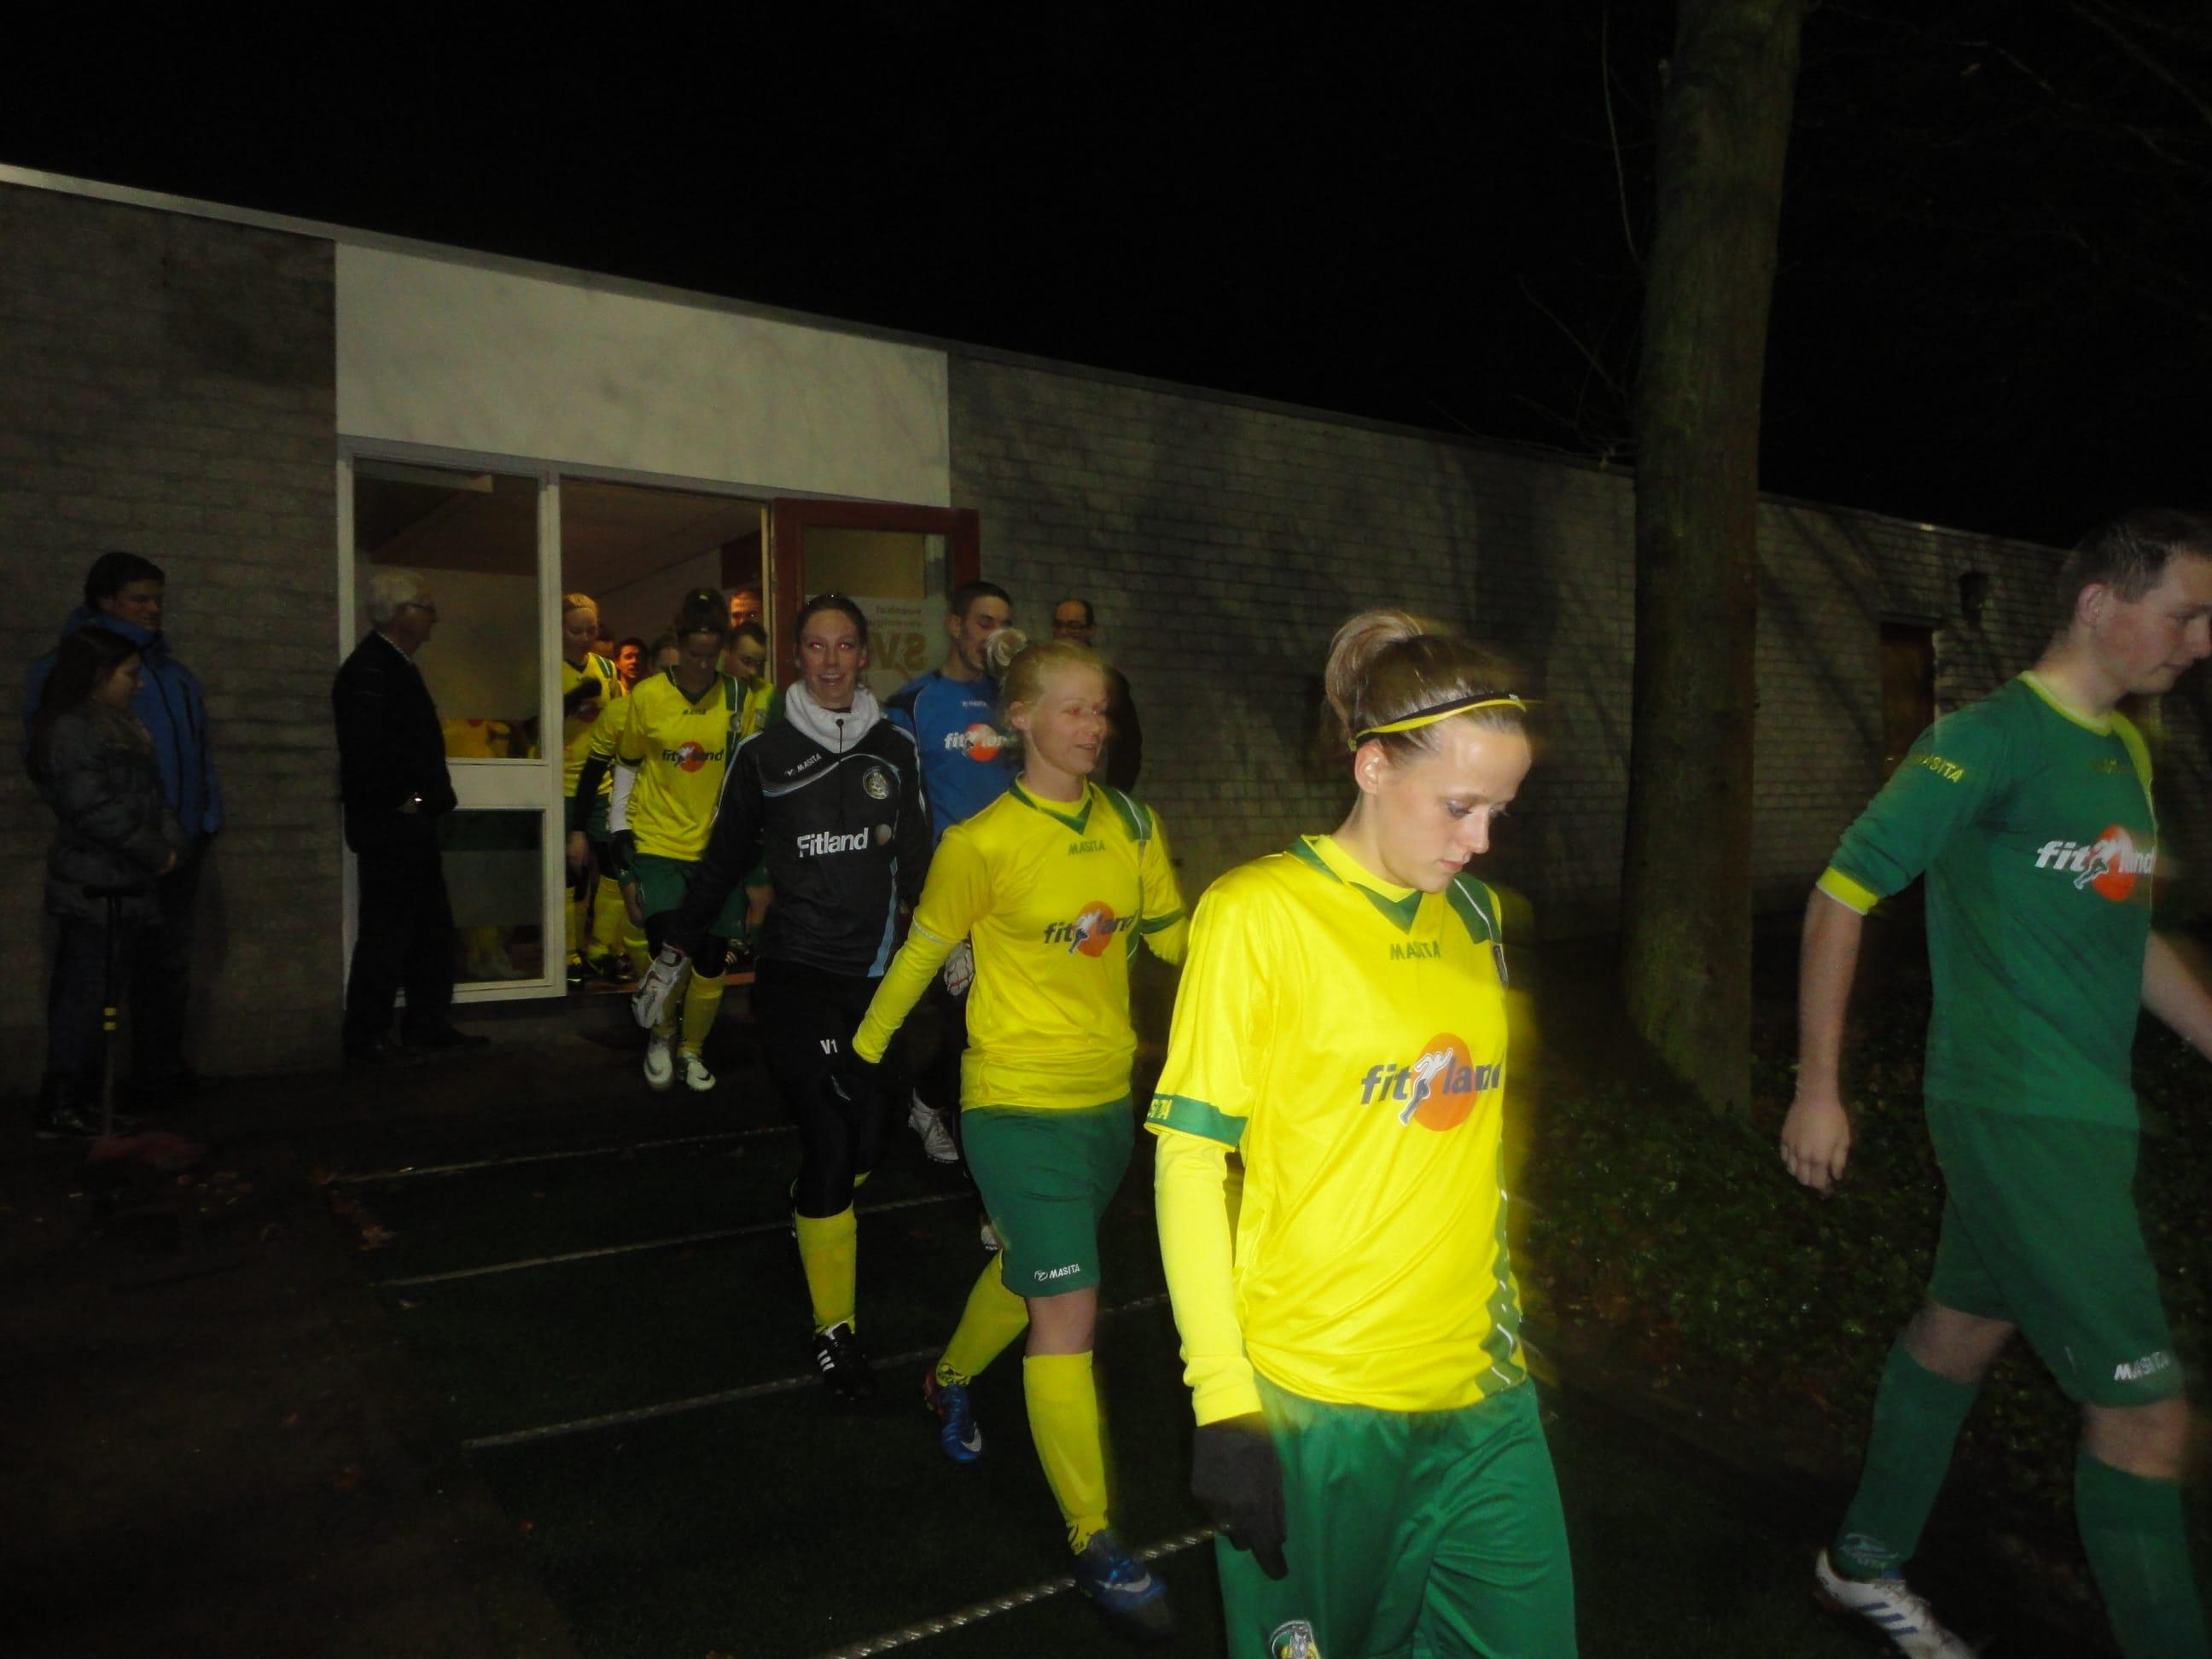 Fortuna Dames vs. Fortuna Fans